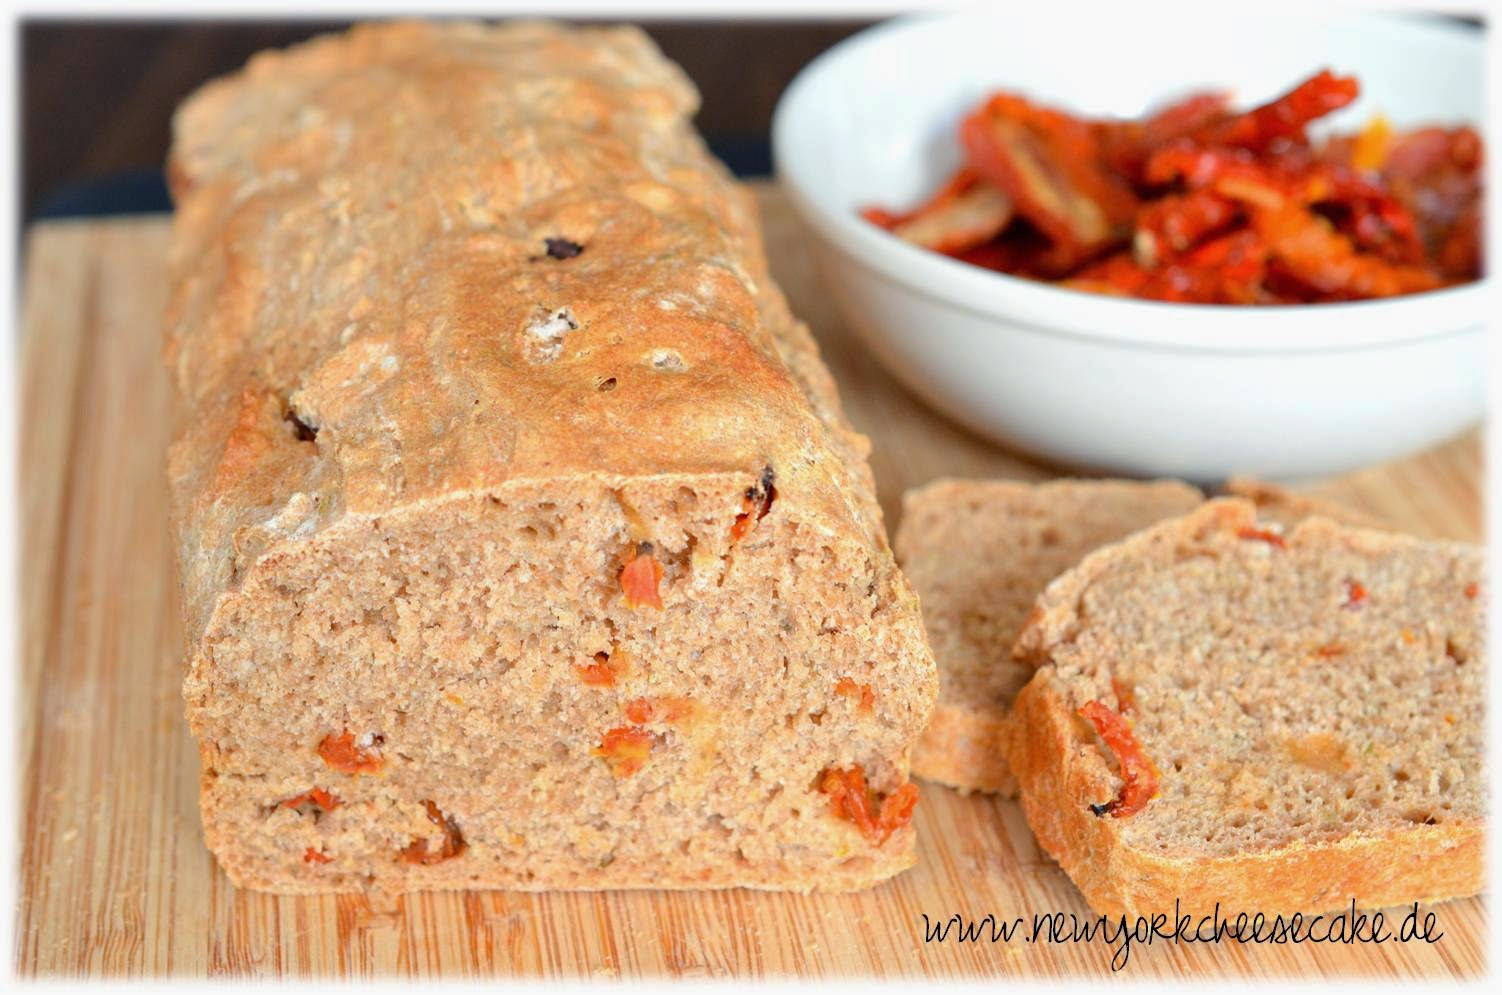 Brot, Brot backen, Tomaten, mediterran